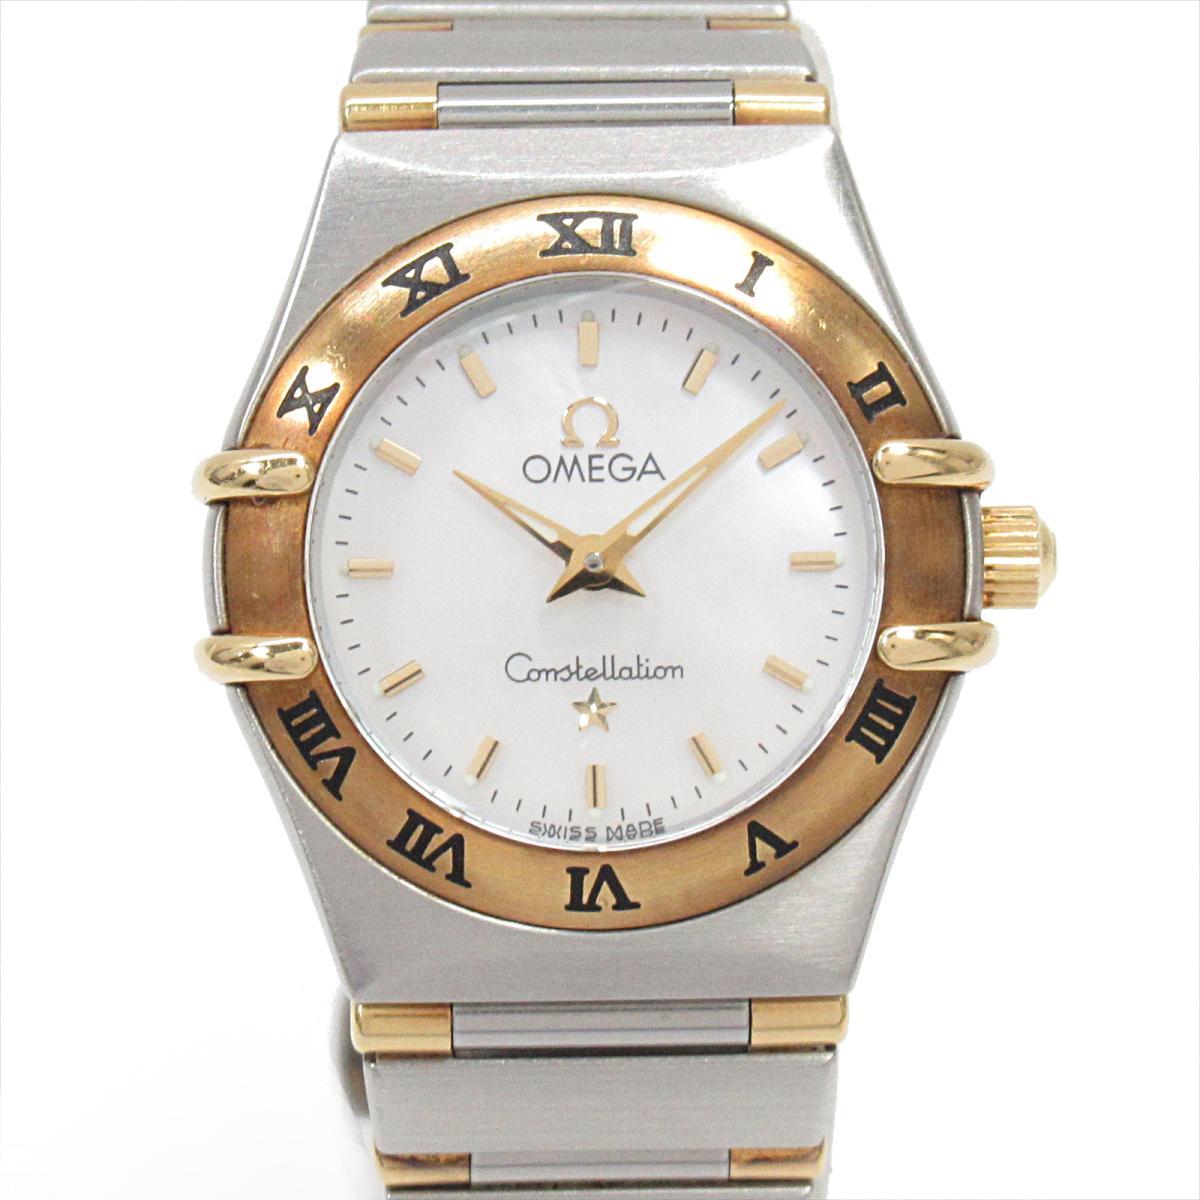 【中古】 オメガ コンステレーション ミニ 腕時計 ウォッチ レディース ステンレススチール (SS) K18YG (イエローゴールド) (1262.70) | OMEGA BRANDOFF ブランドオフ ブランド ブランド時計 ブランド腕時計 時計